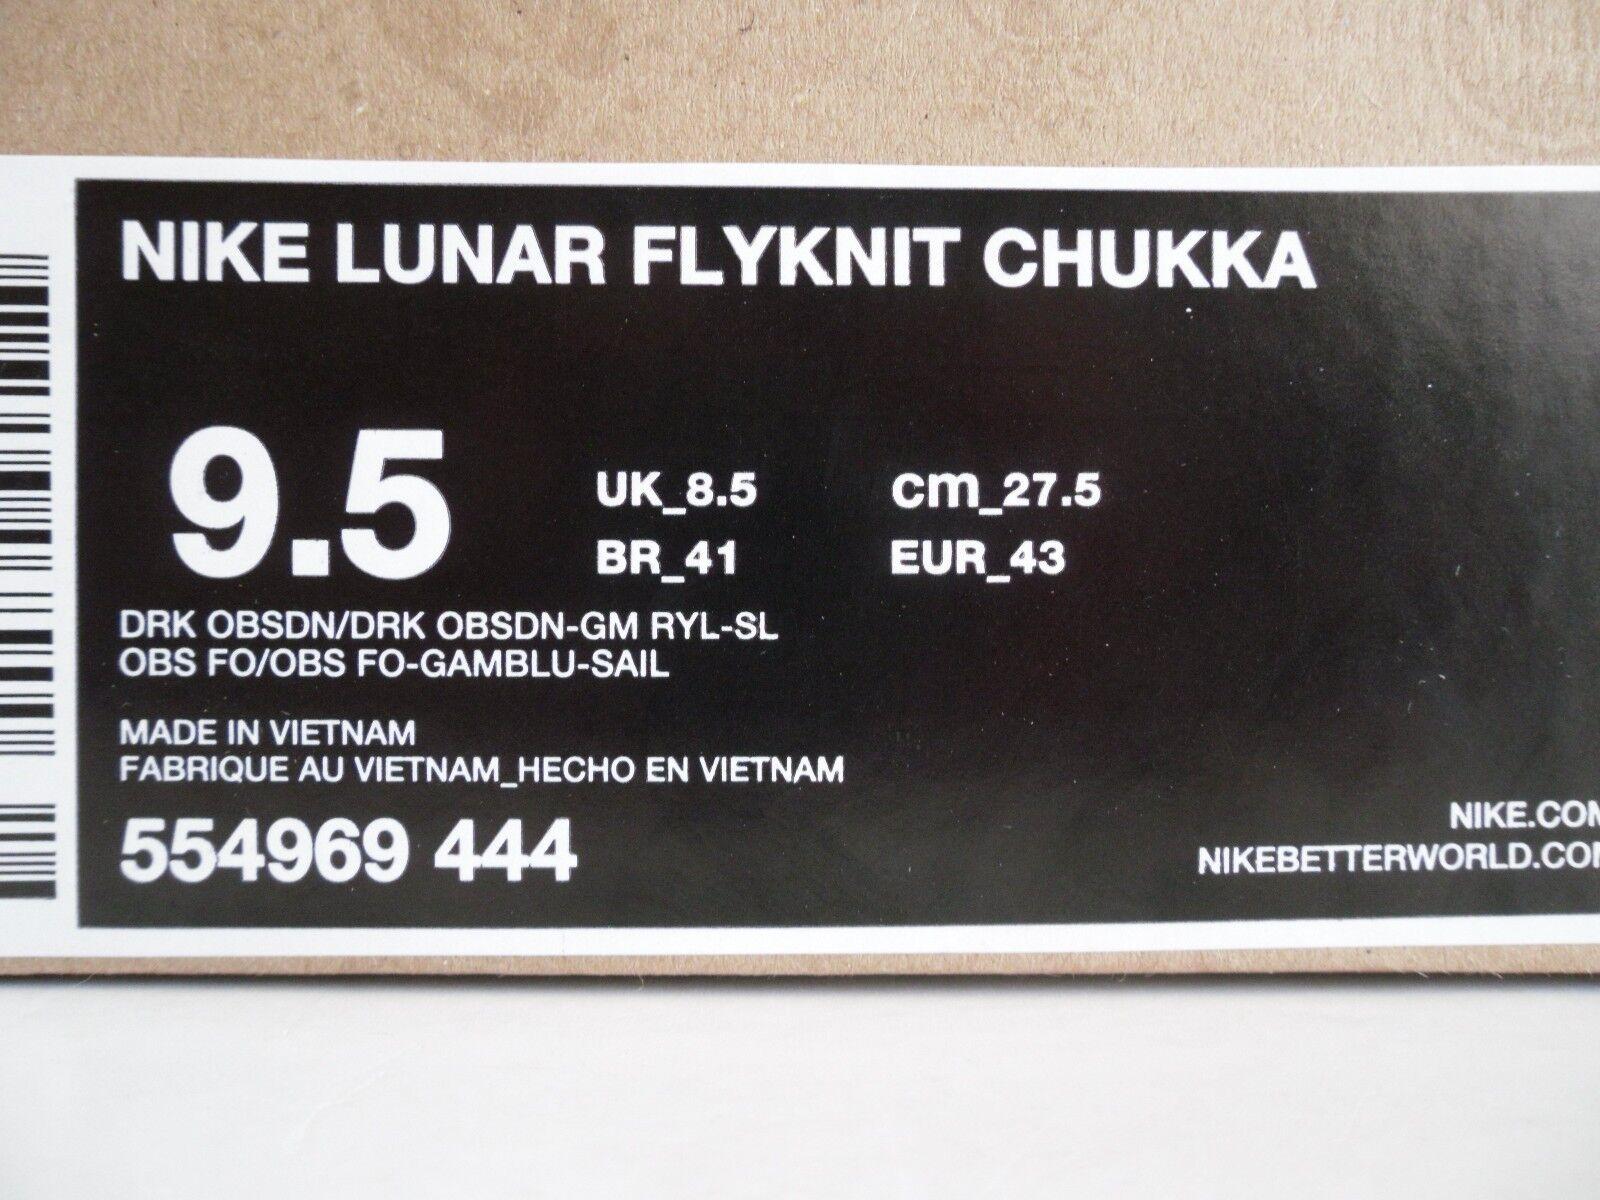 NIKE LUNAR FLYKNIT CHUKKA DARK SZ OBSIDIAN-GAME ROYAL BLU SZ DARK 9.5 [554969-444] 8abdd4